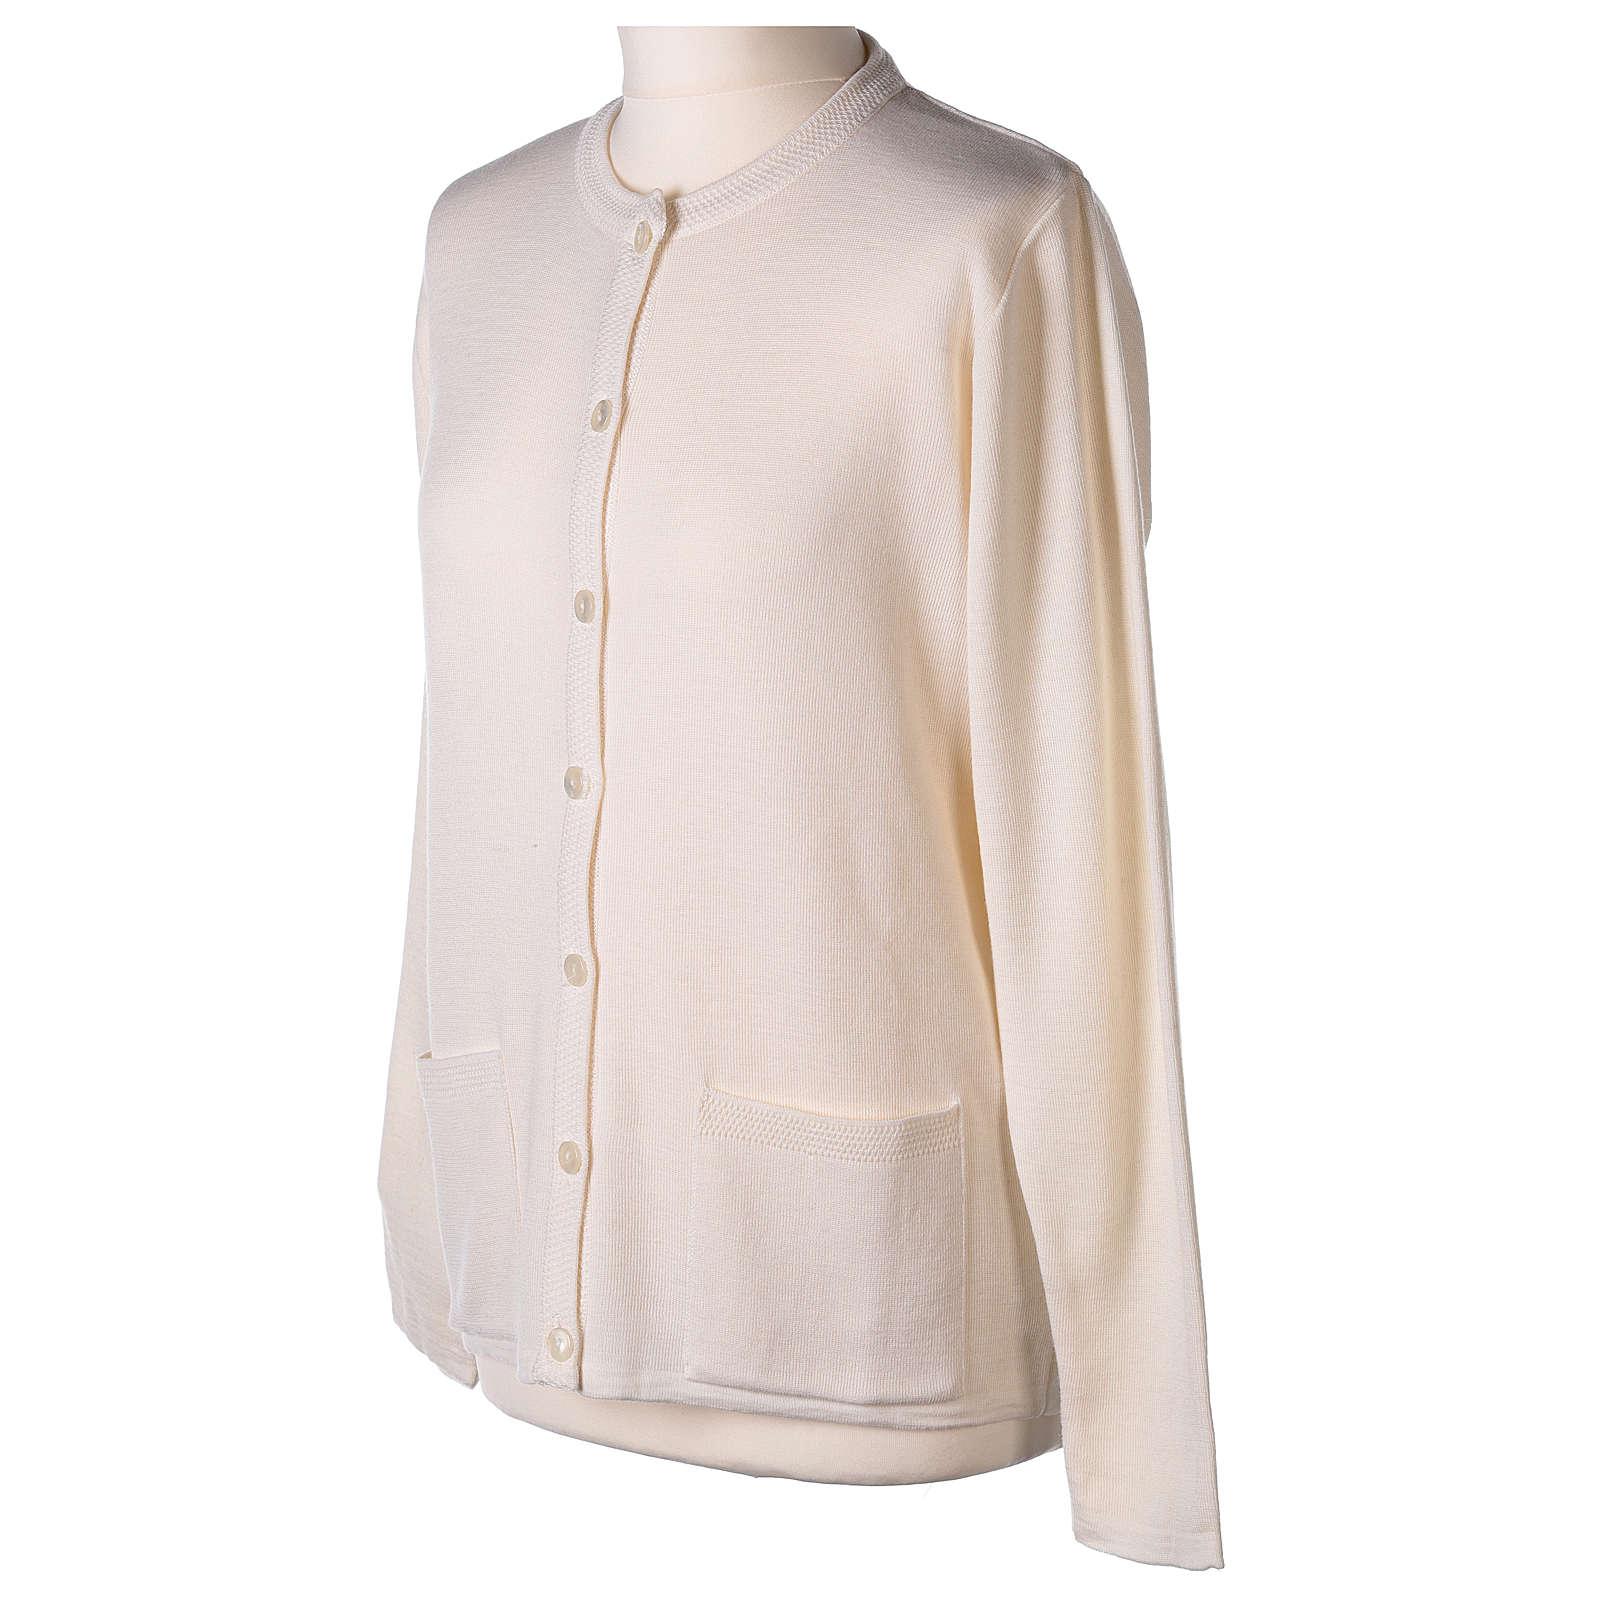 Cardigan suora bianco coreana tasche maglia unita 50% acrilico 50% merino  In Primis 4